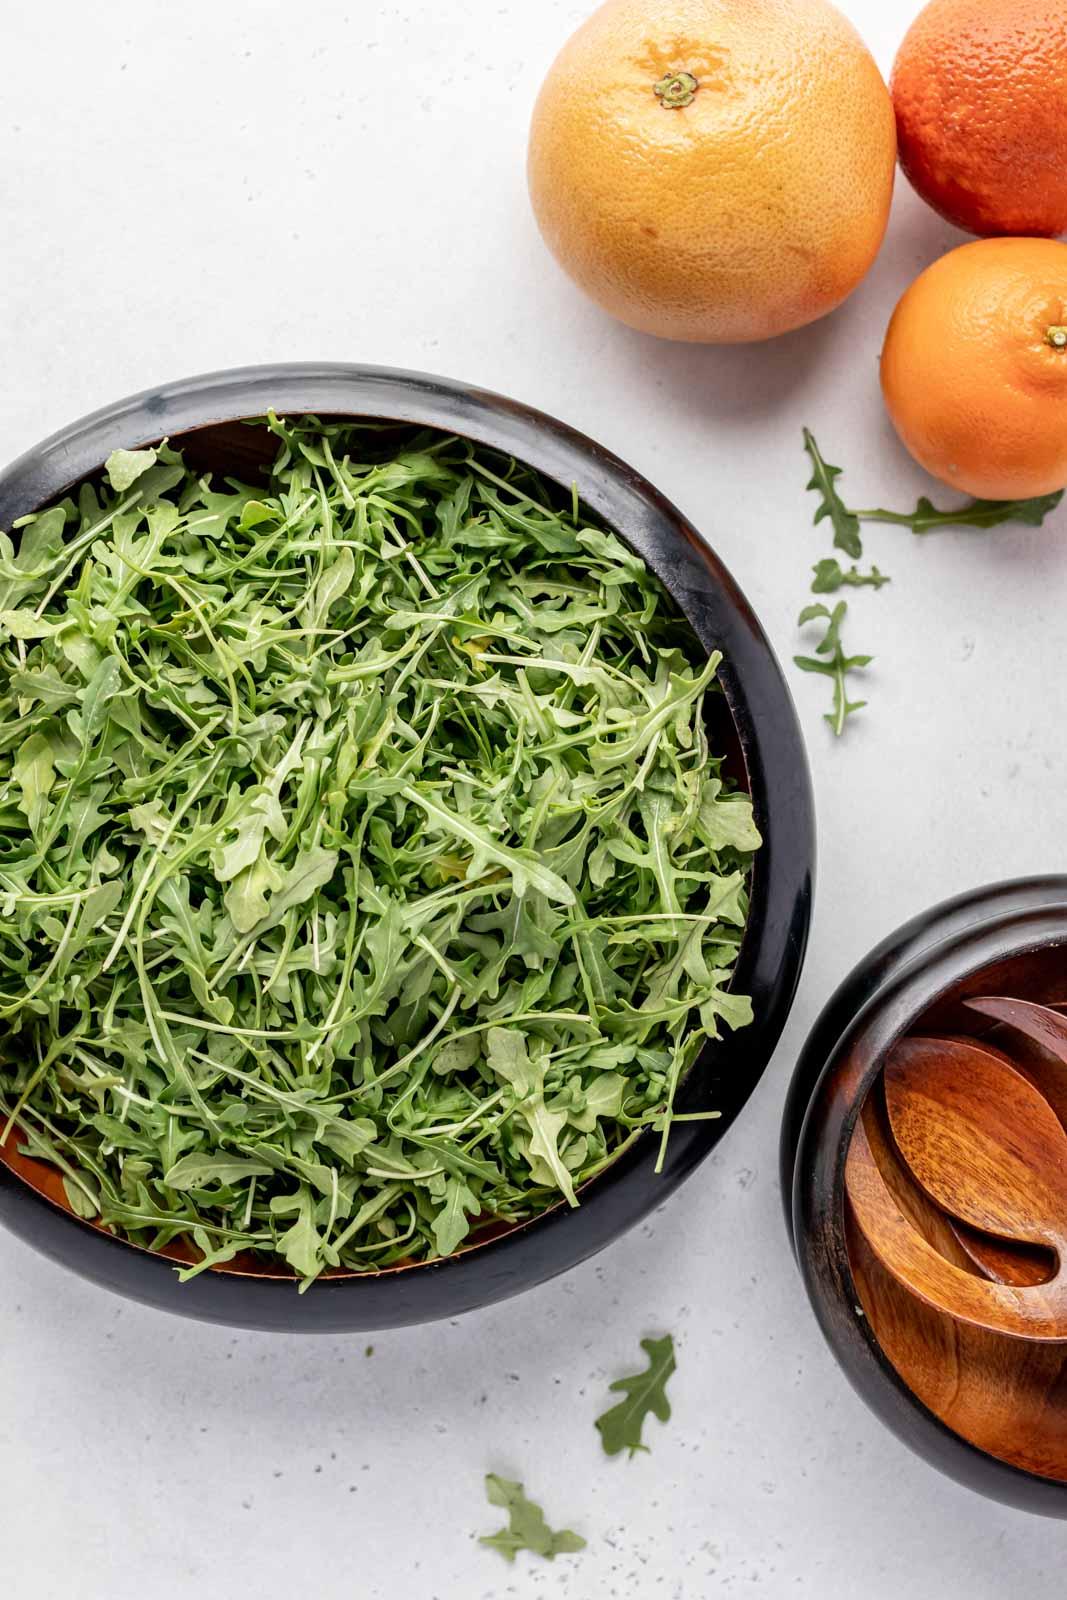 fresh arugula in a large salad bowl